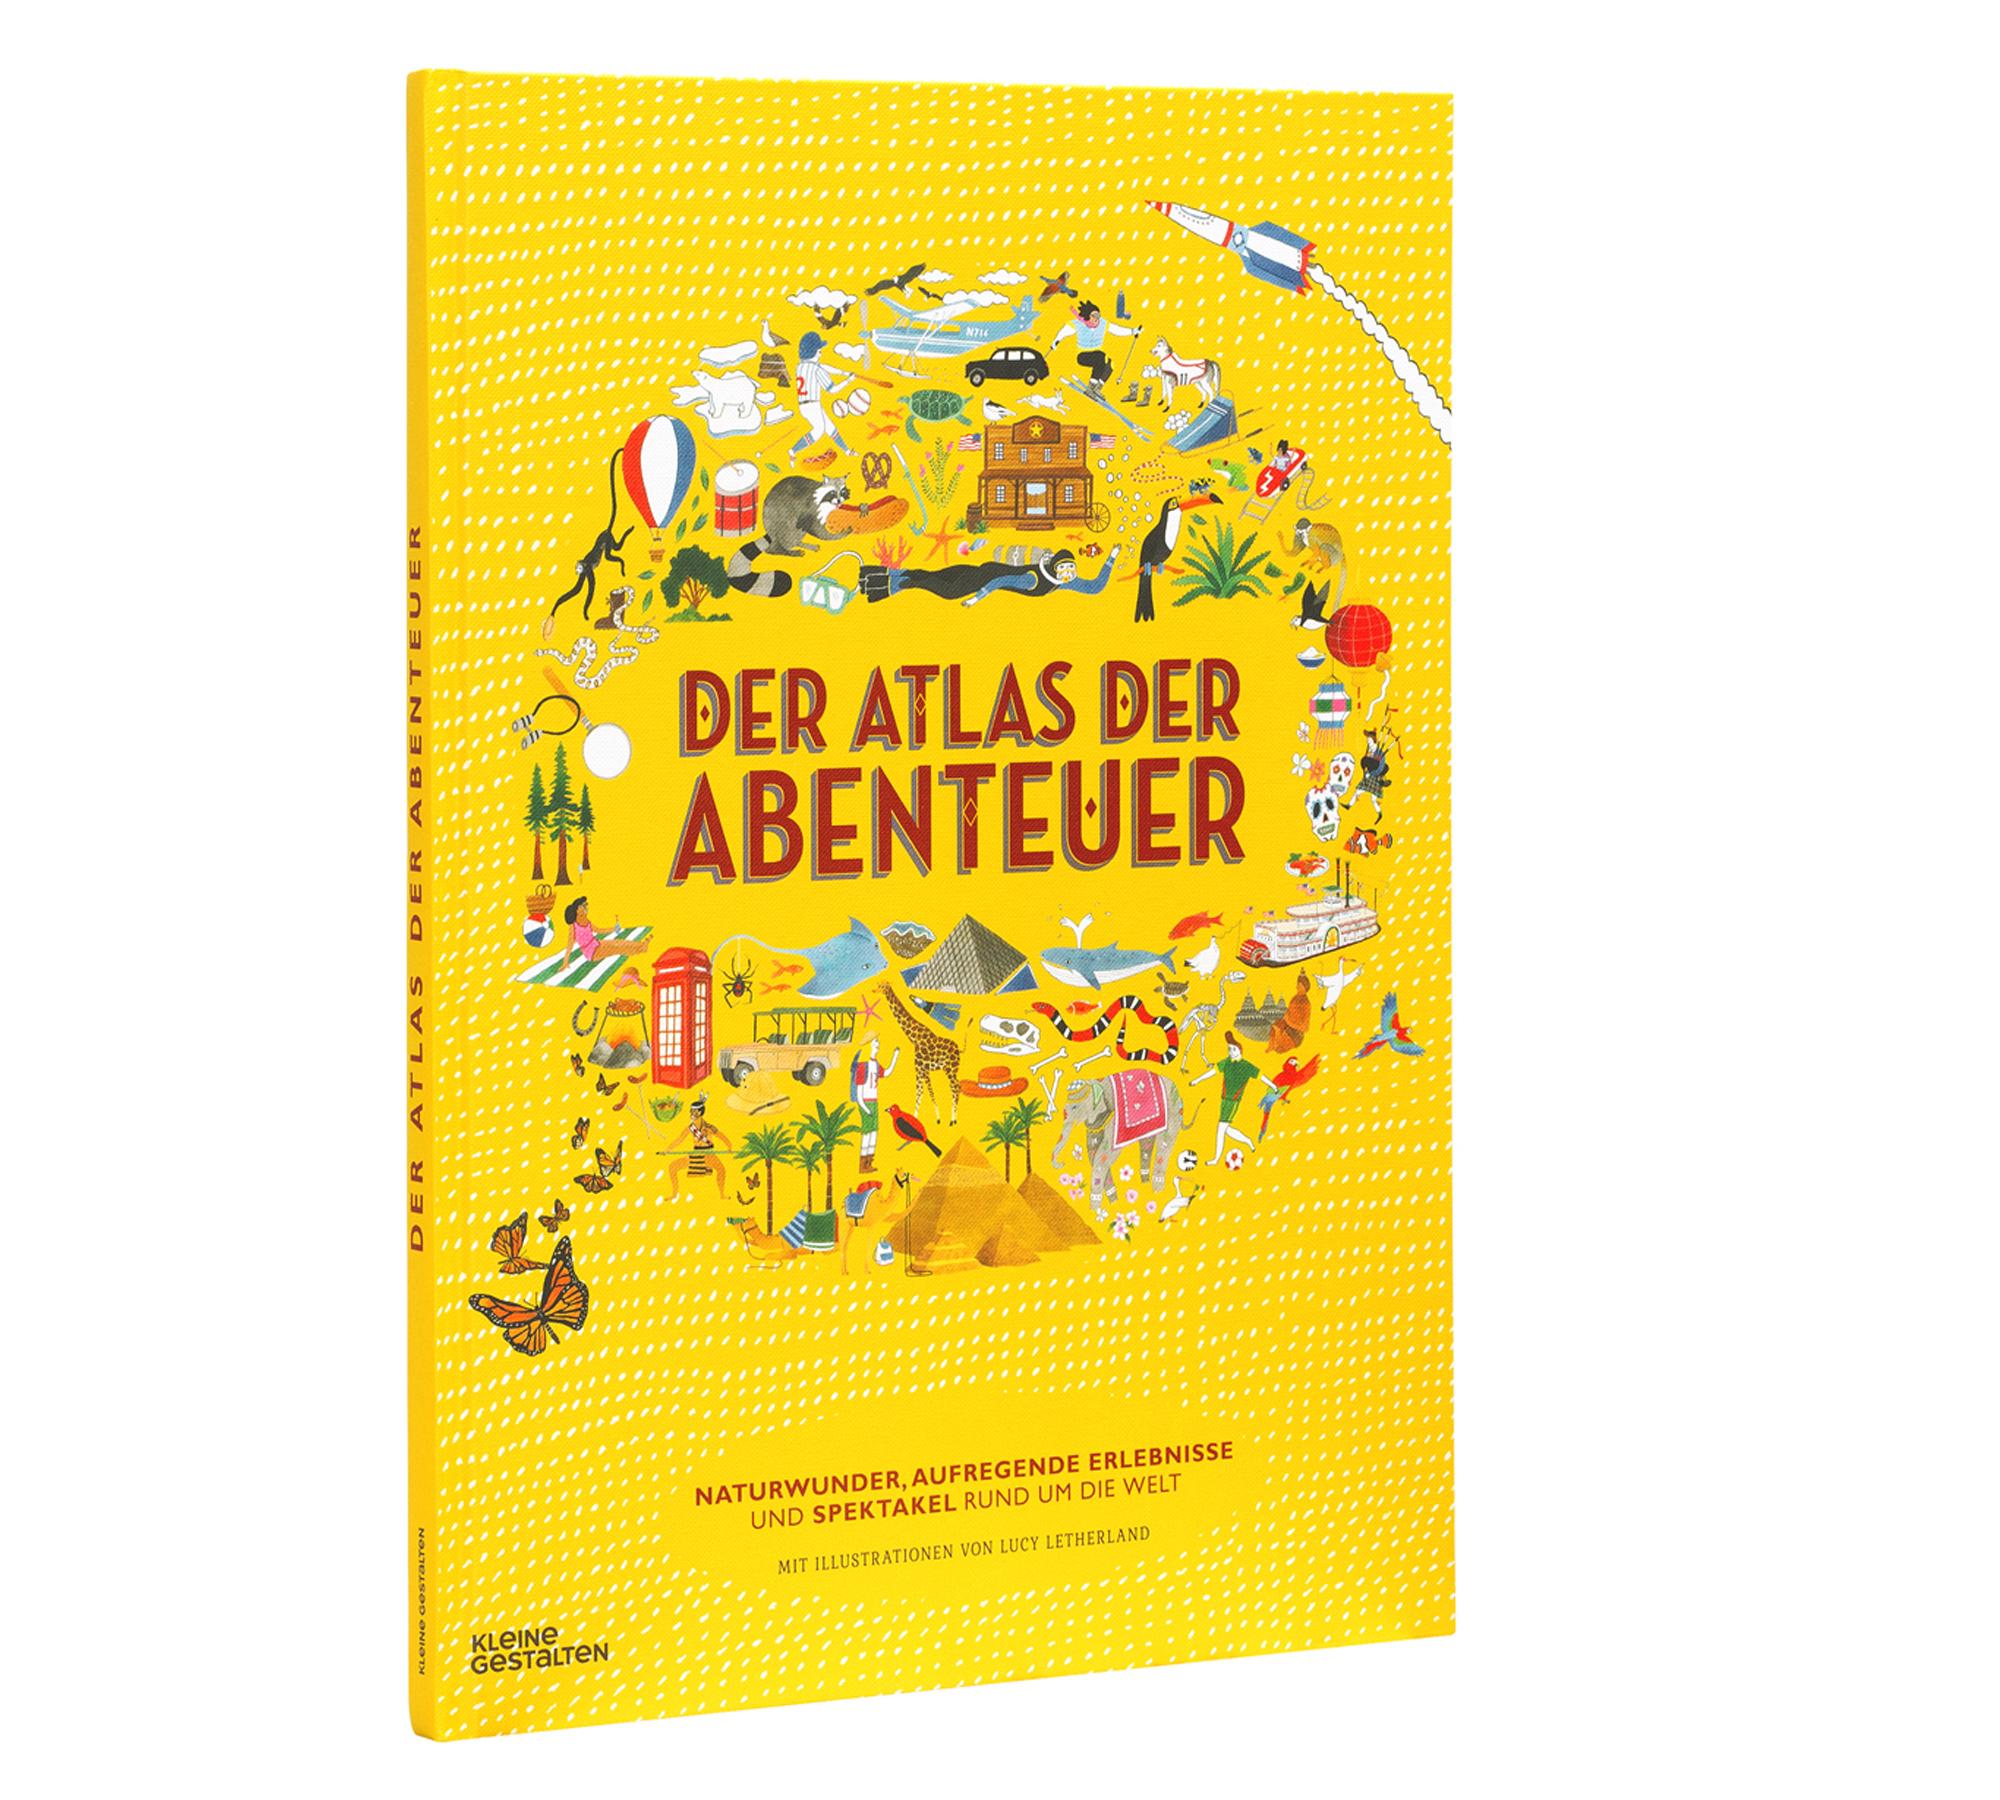 Kinderbuch Der Atlas der Abenteuer | HIMBEER Magazin